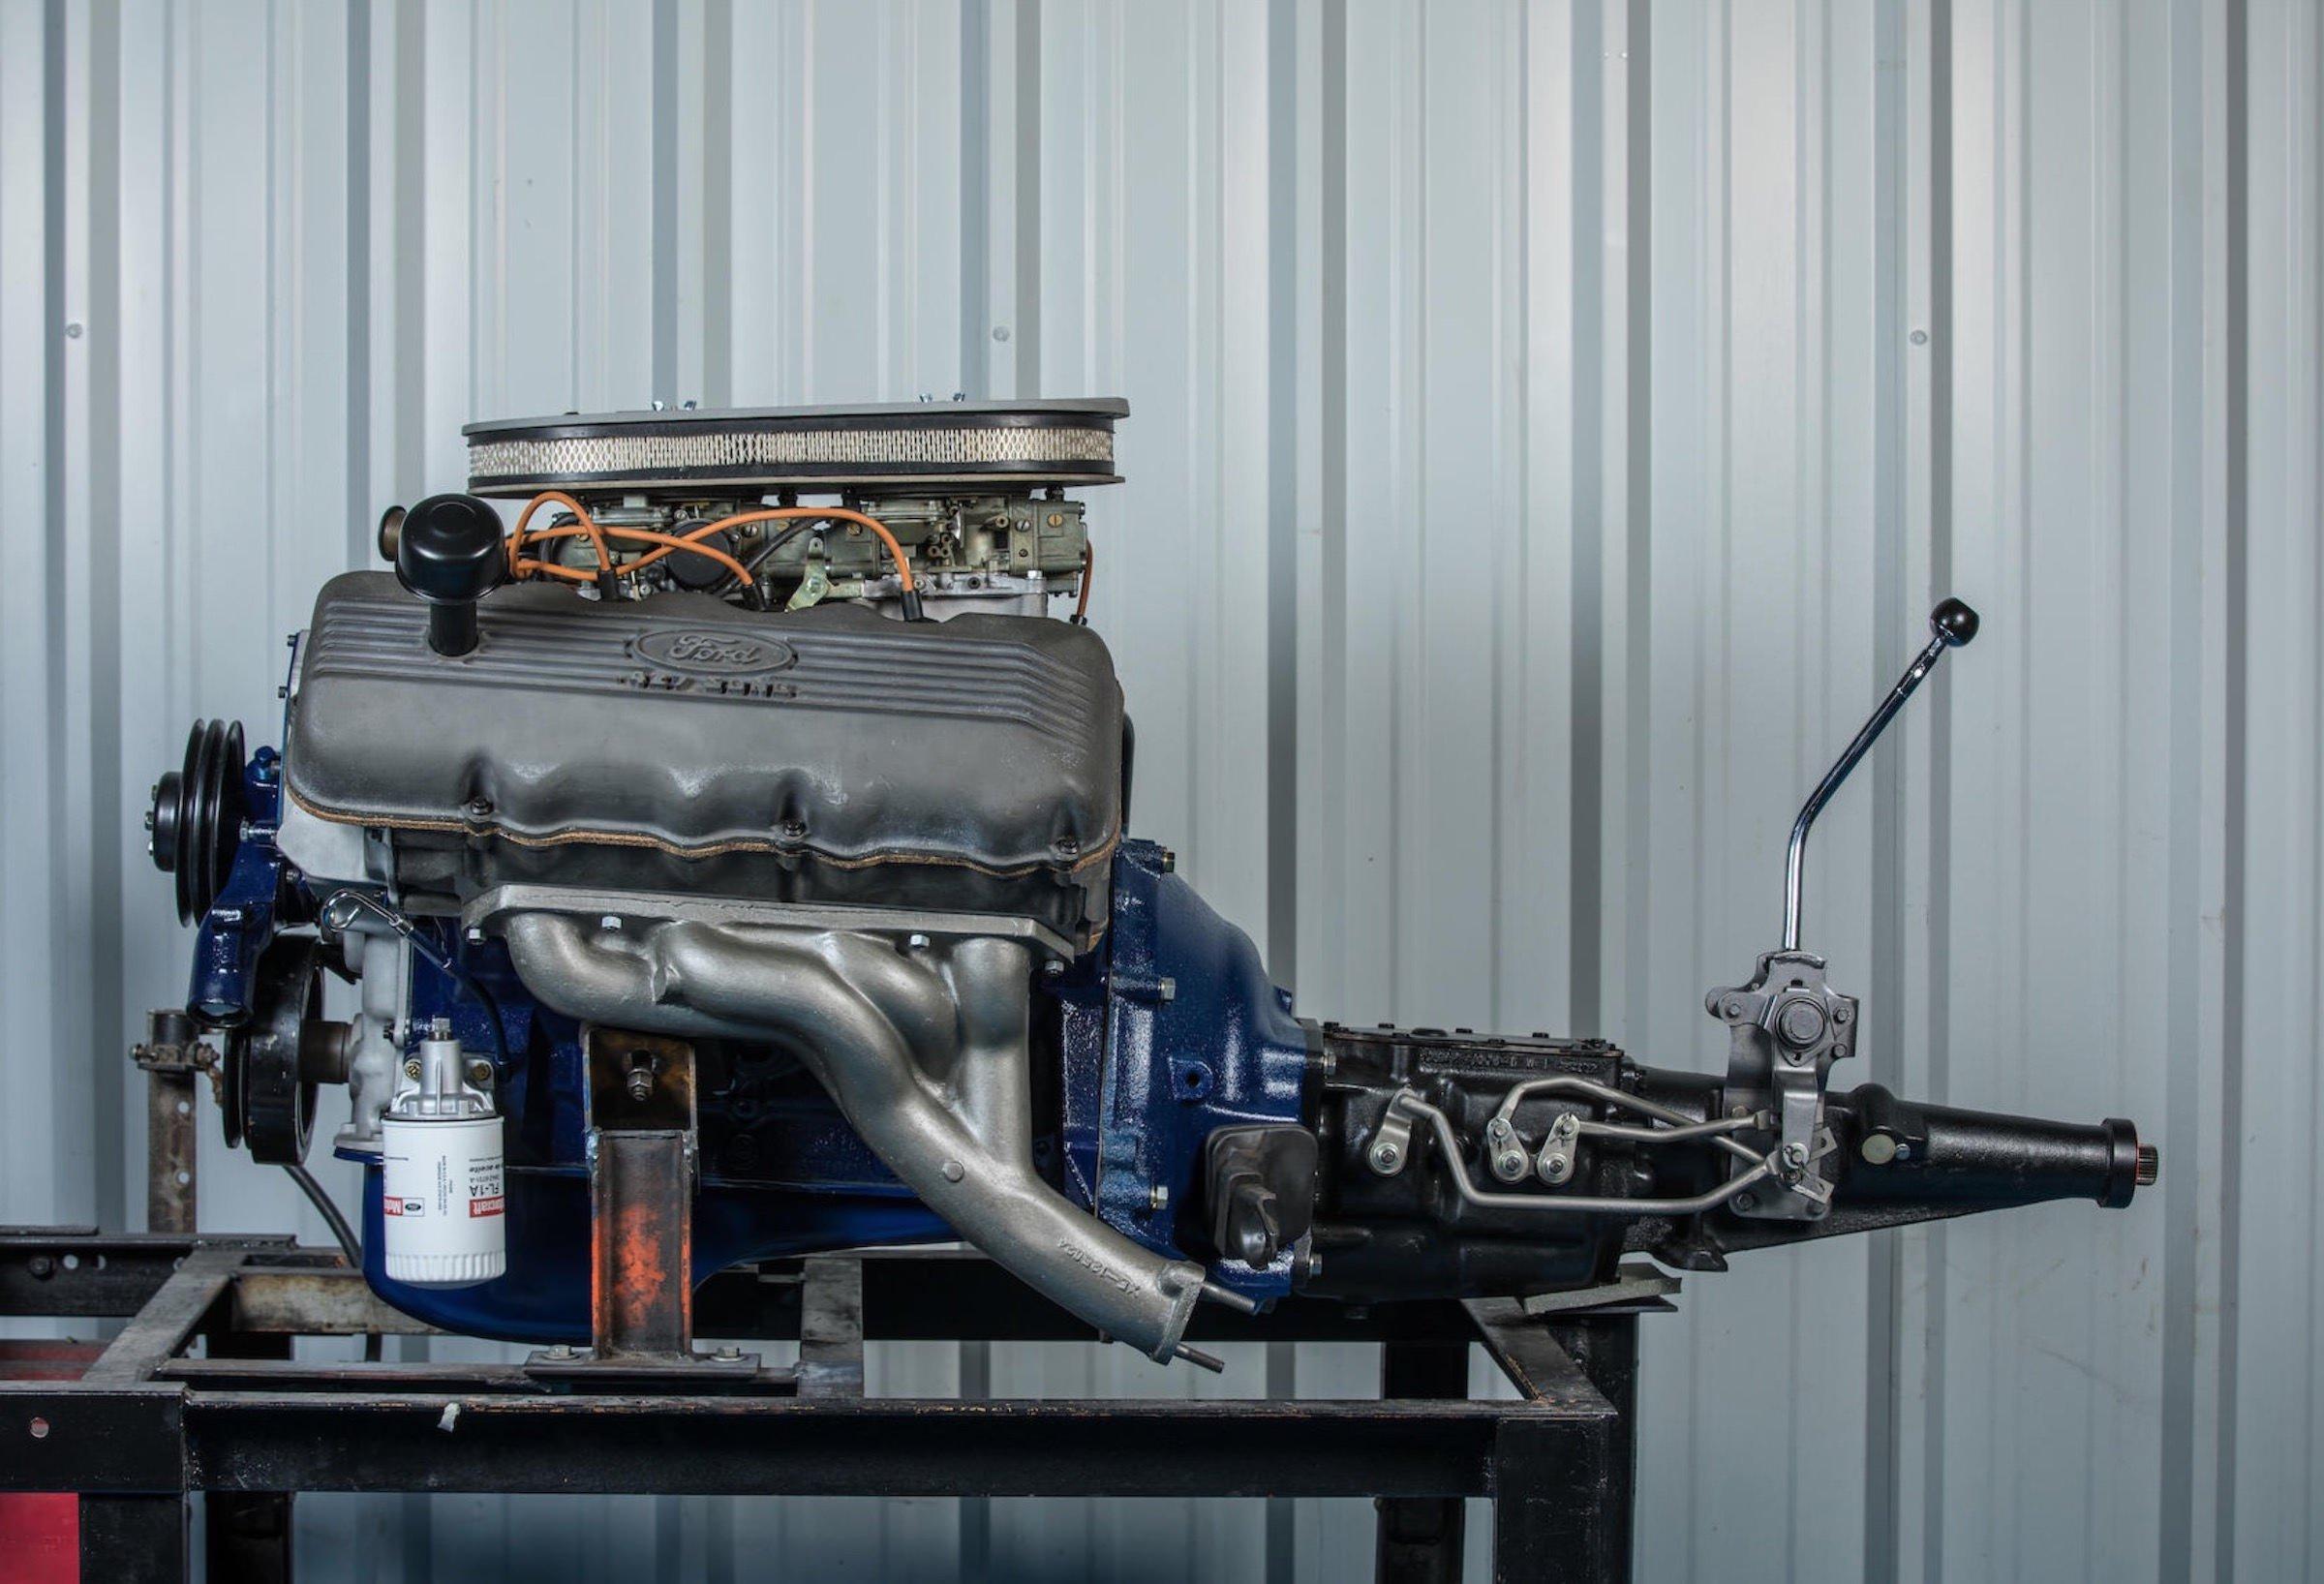 A Rare 1967 Ford 427 Ci Sohc  U0026quot Cammer U0026quot  V8 Engine